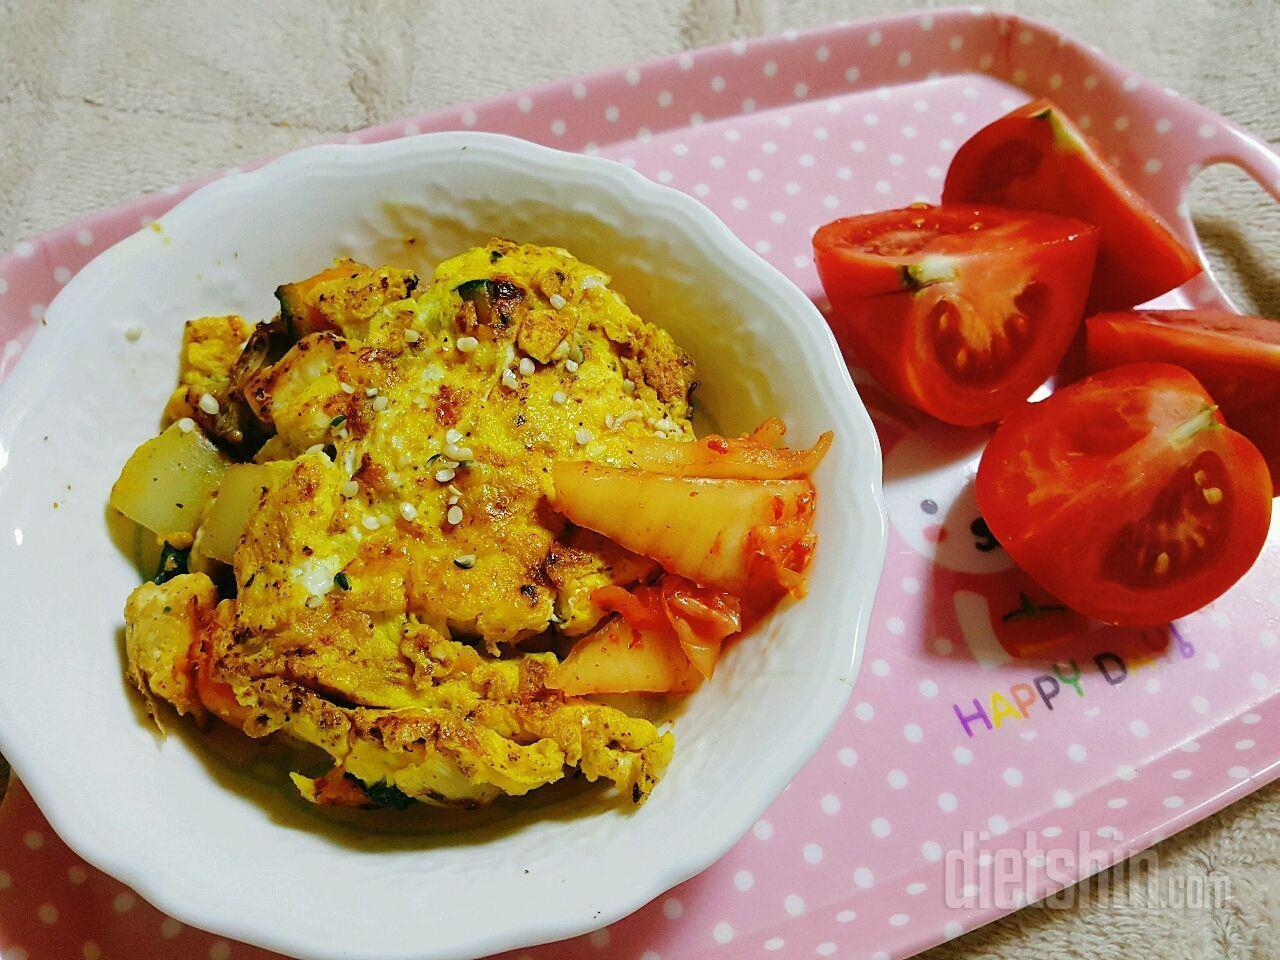 먹으면 먹을수록 땡기는 닭가슴살야채계란으로 만드는 프리타타!(?)